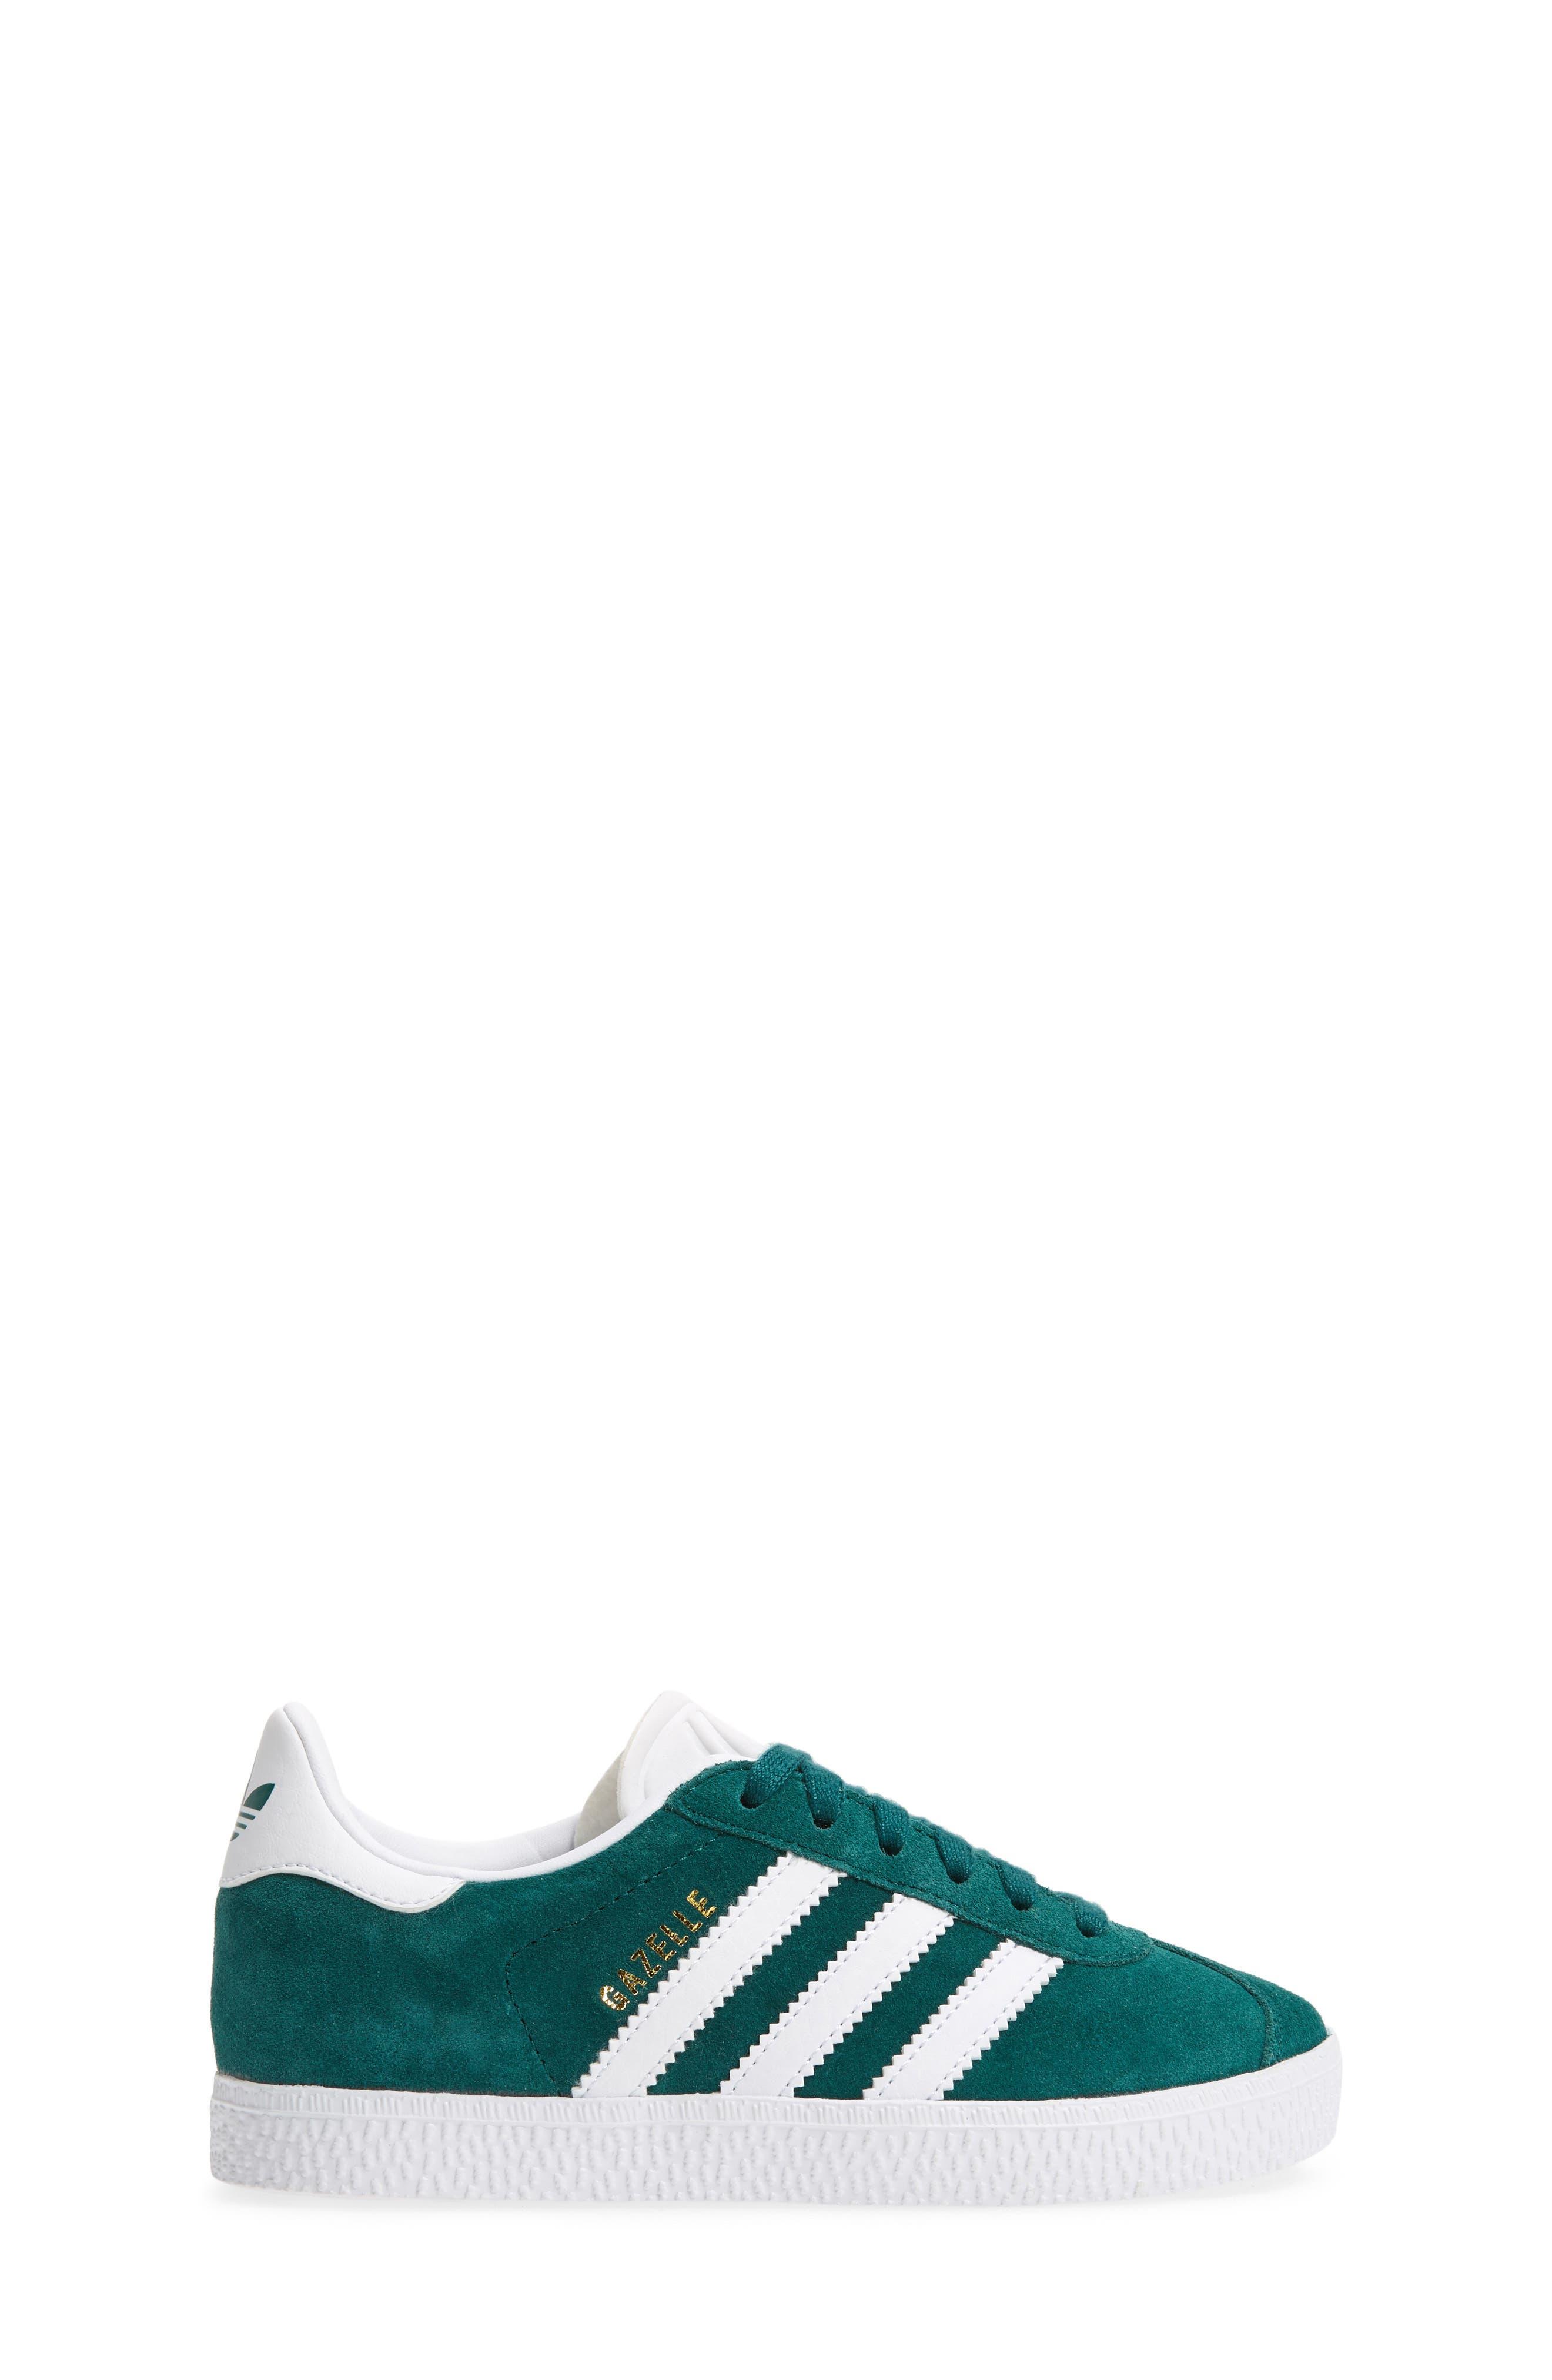 Gazelle Sneaker,                             Alternate thumbnail 3, color,                             NOBLE GREEN/ WHITE